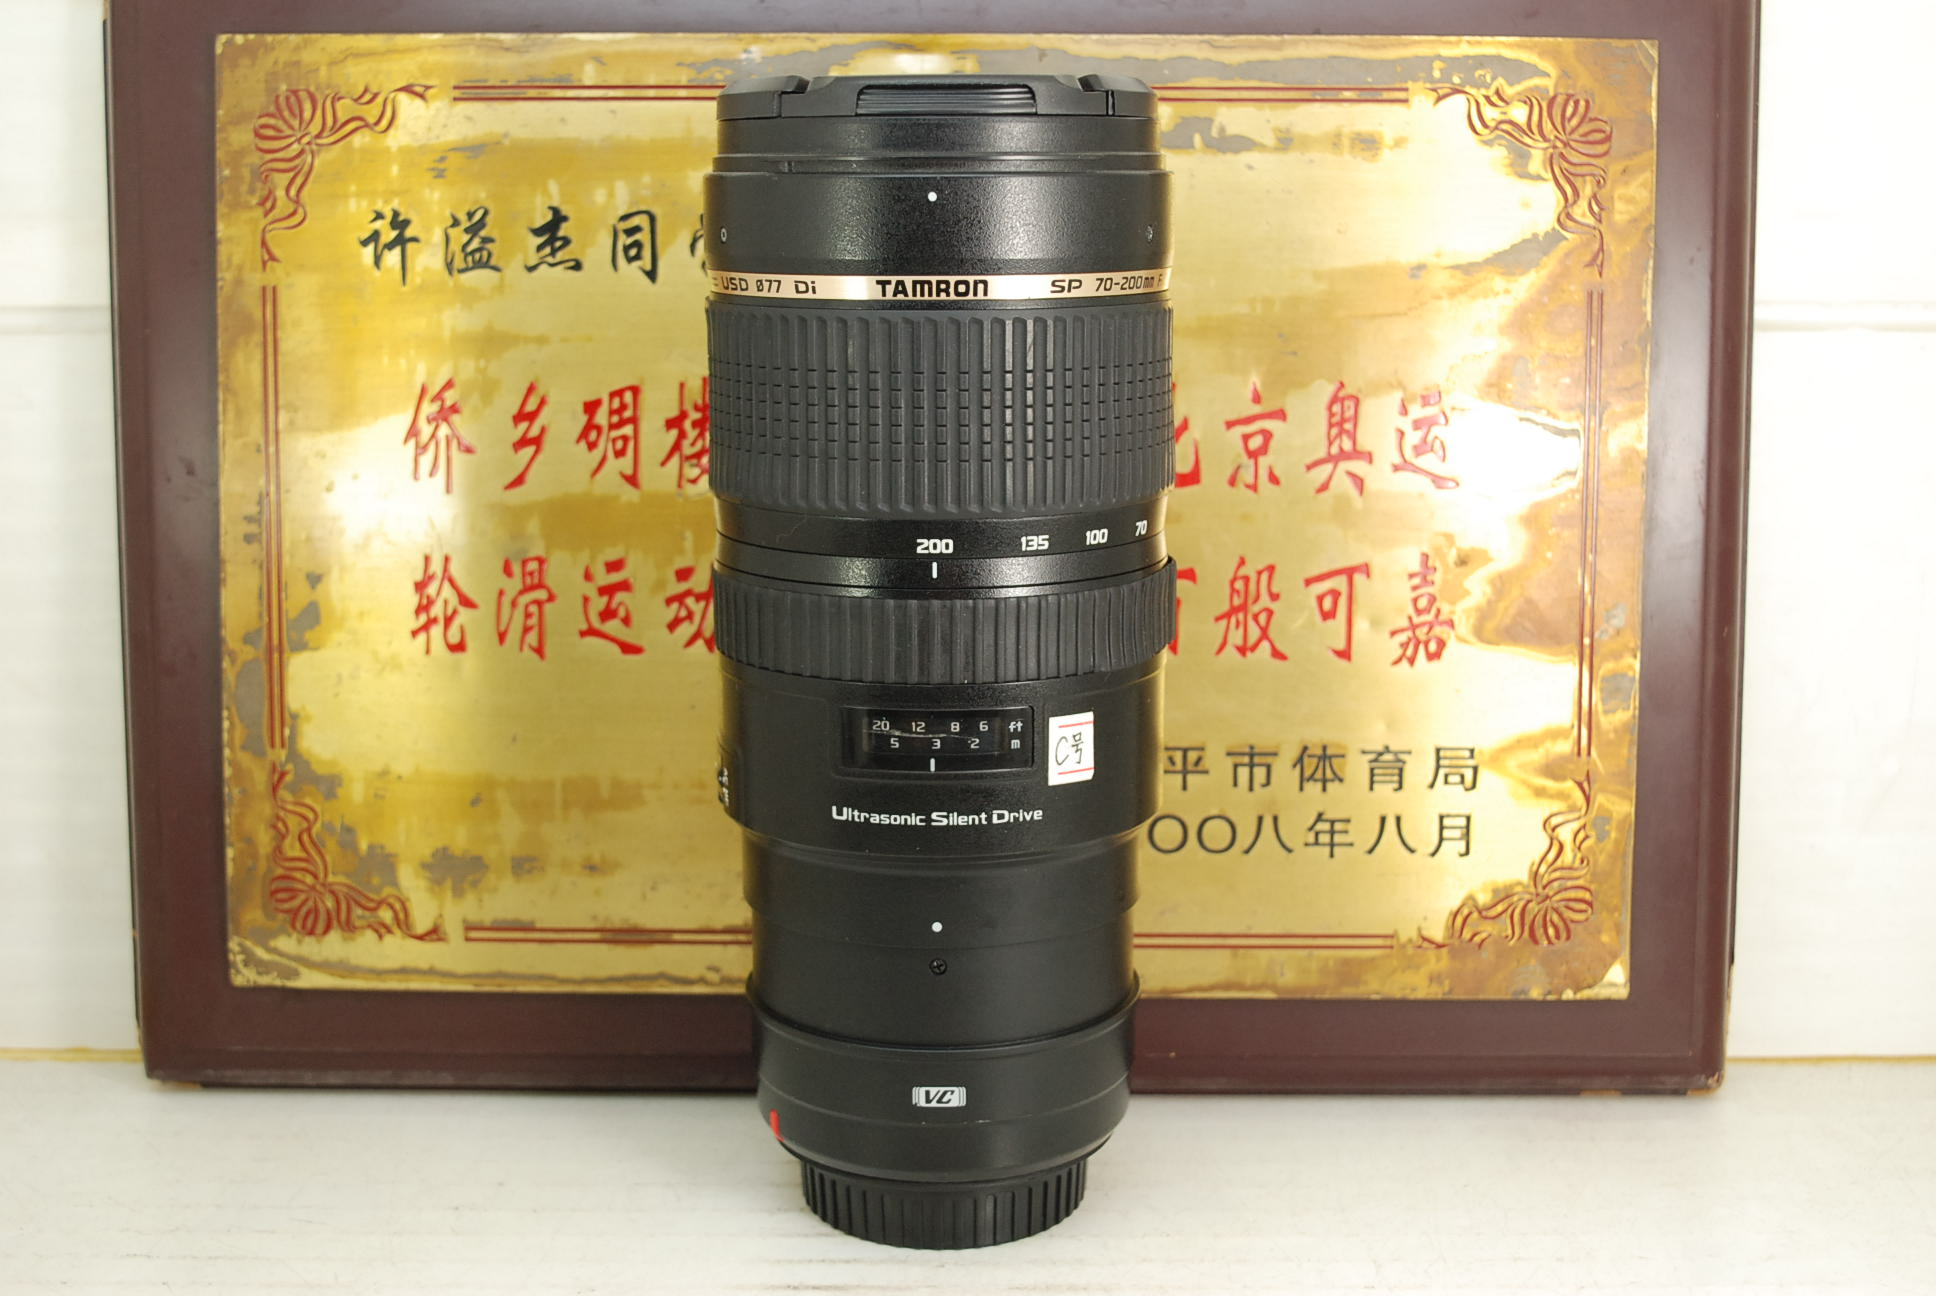 佳能口 腾龙 70-200 F2.8 VC USD A009 单反镜头 防抖恒圈长焦